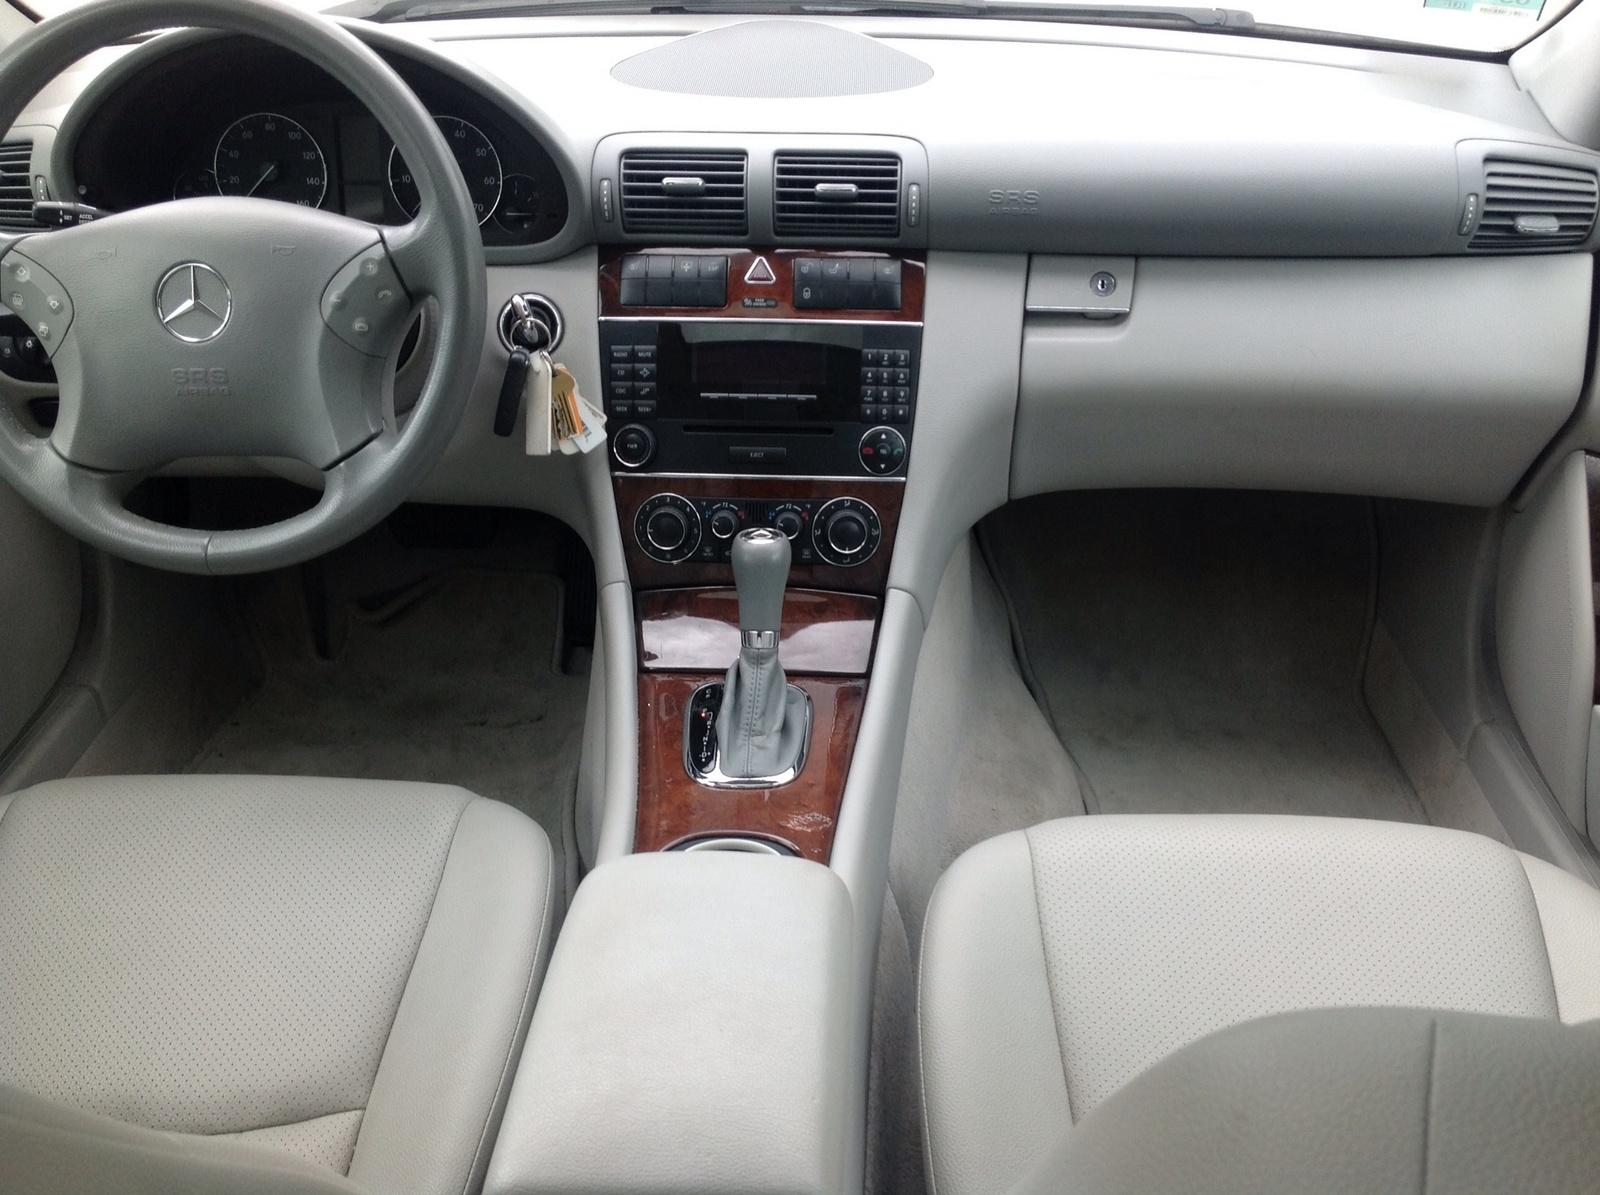 2007 Mercedes-Benz C-Class - Interior Pictures - CarGurus